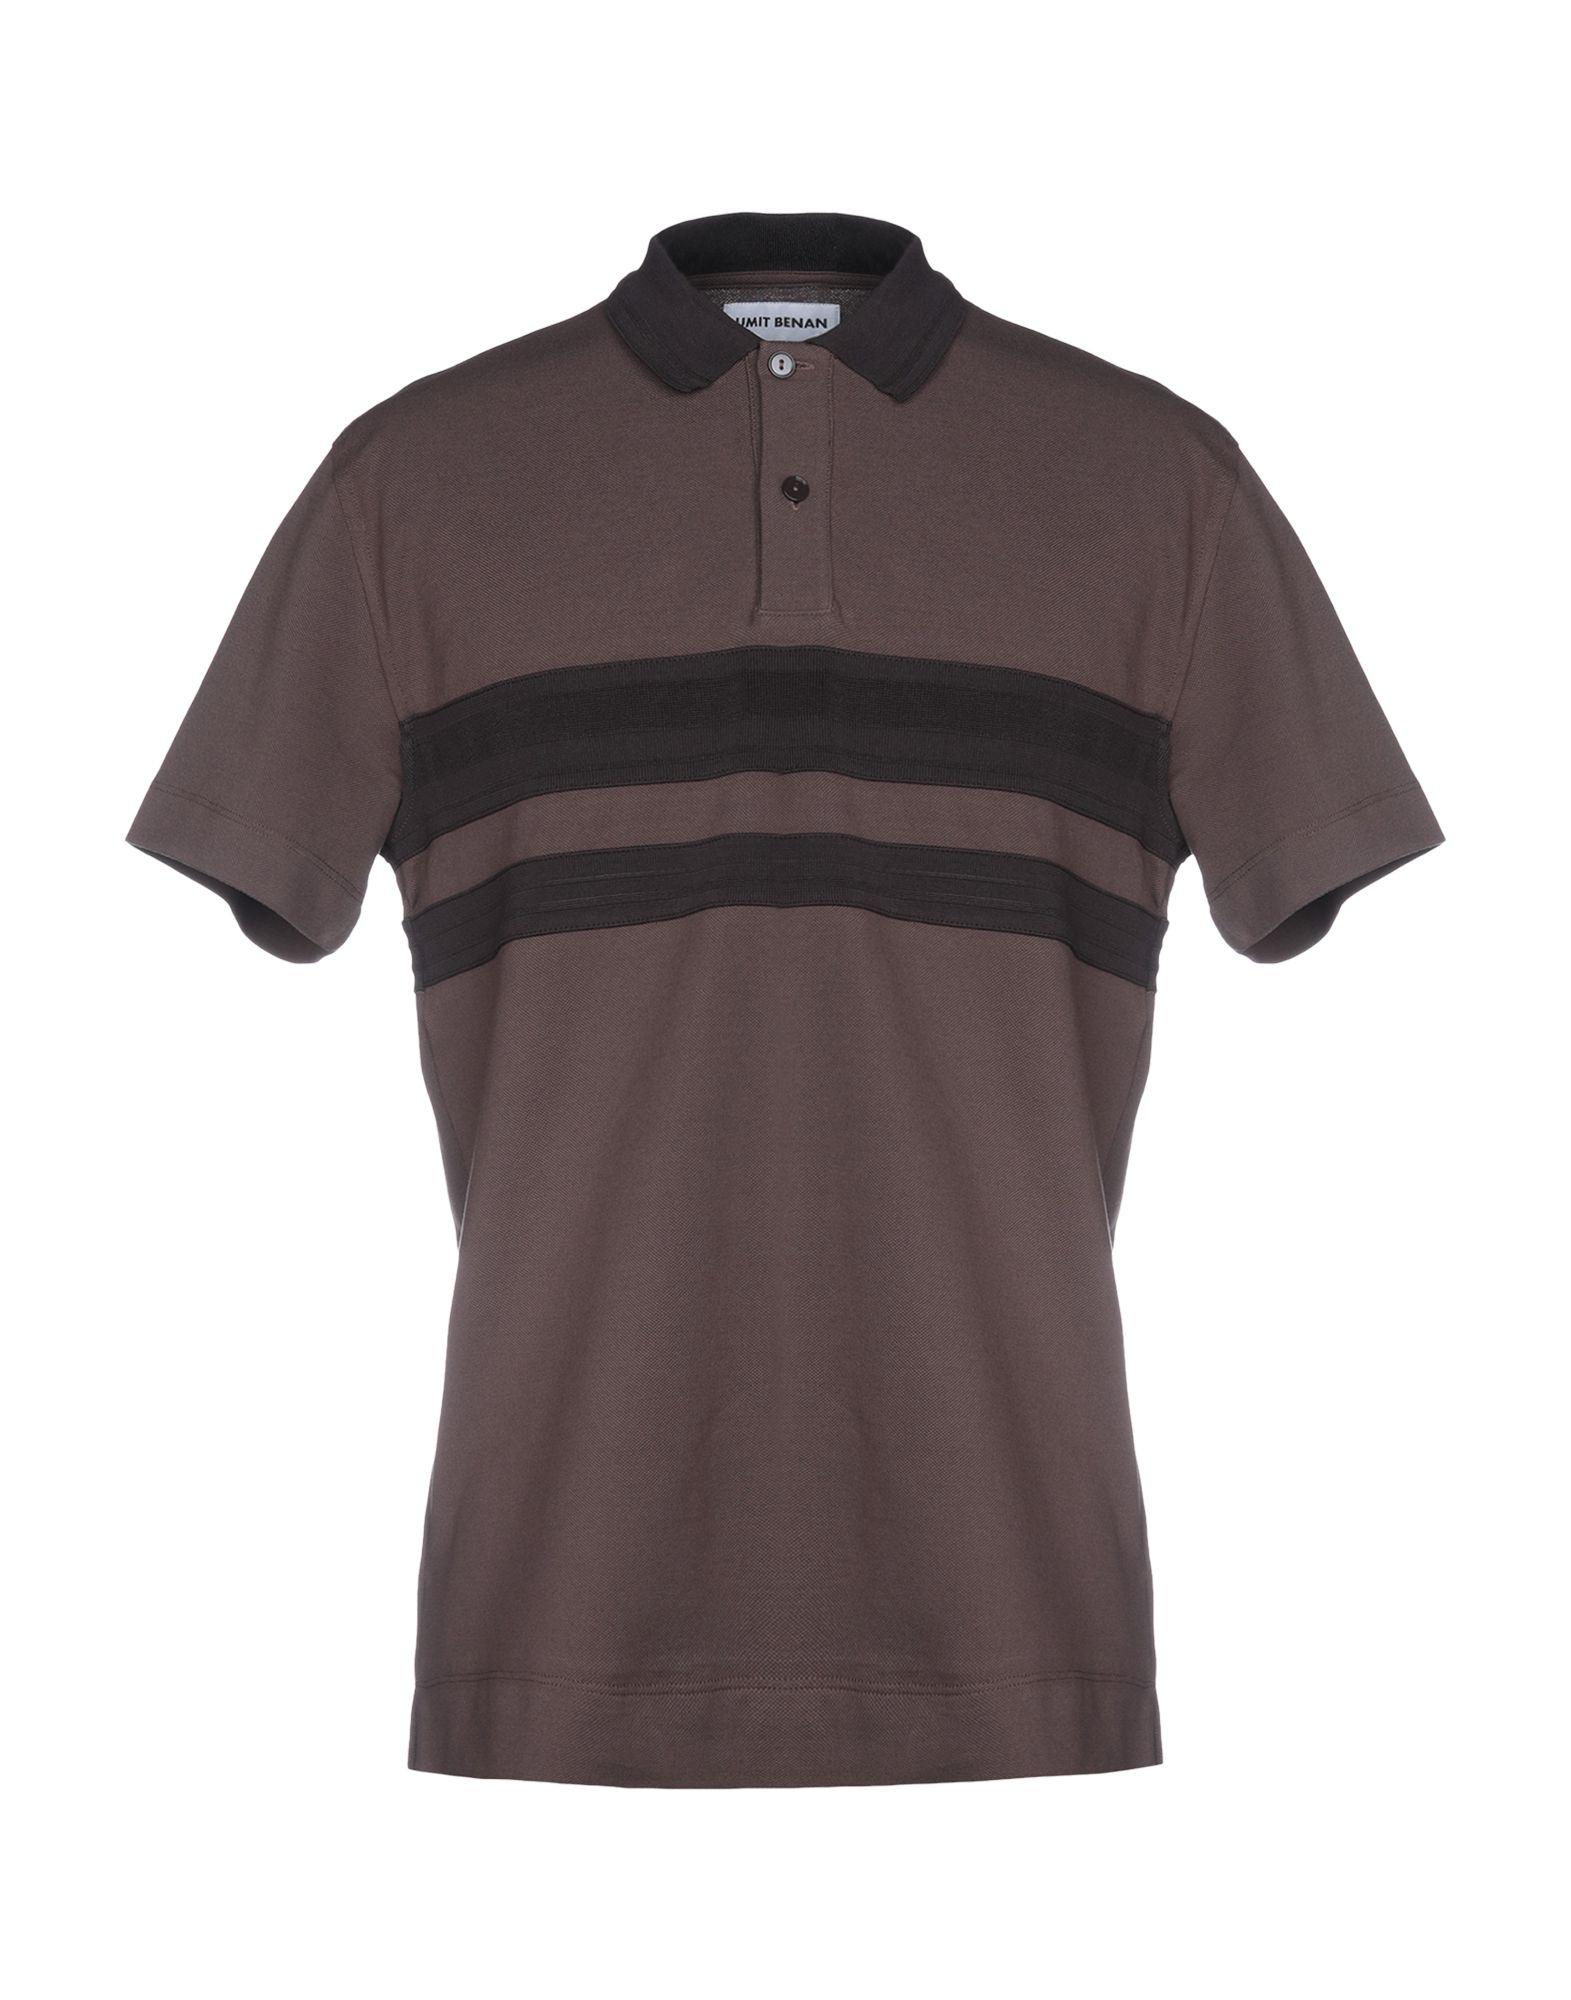 《送料無料》UMIT BENAN メンズ ポロシャツ ダークブラウン 48 コットン 100%